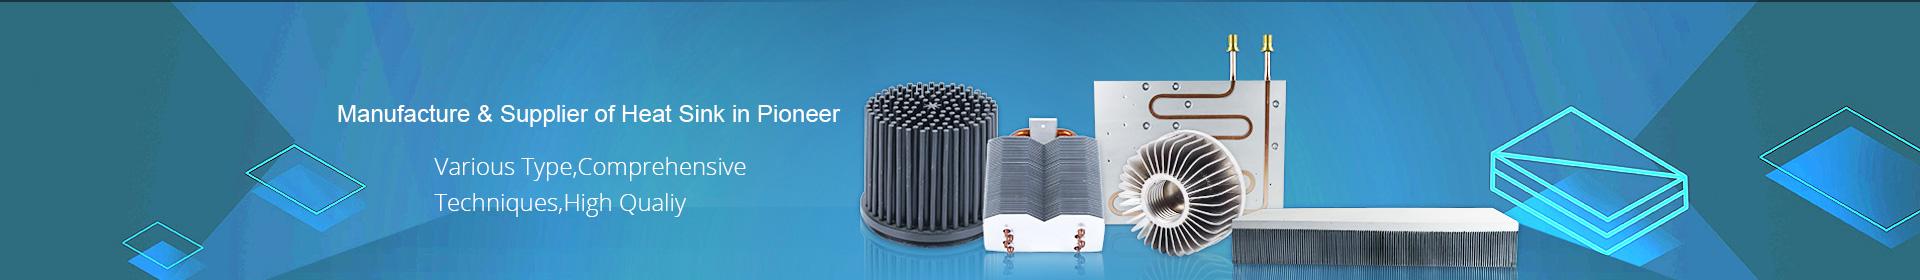 Custom Die Casting Heatsinks Manufacturer - PIONEER THERMAL